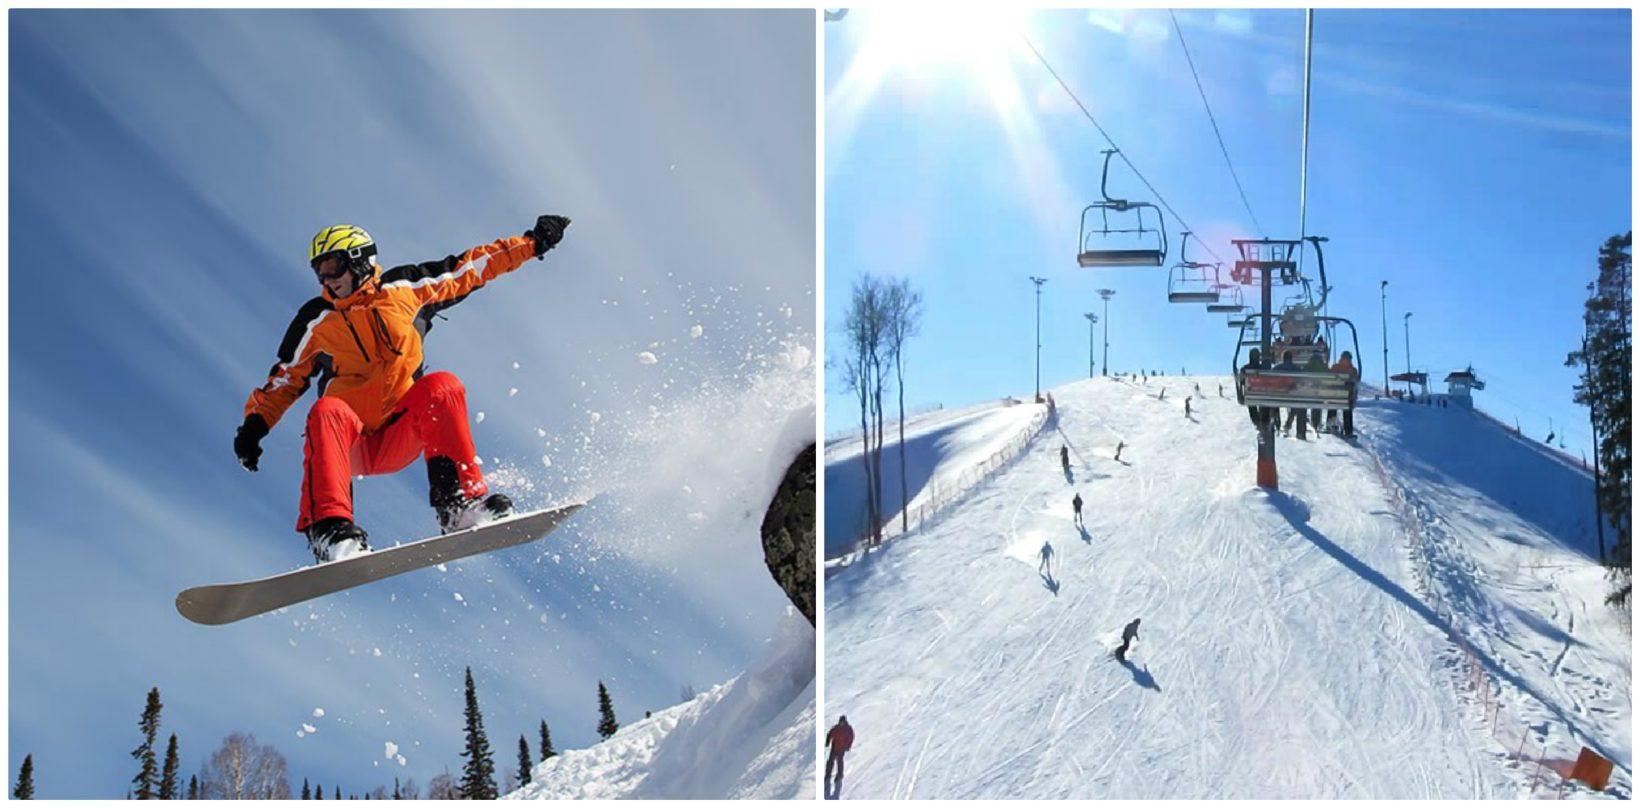 snowboarding in minsk